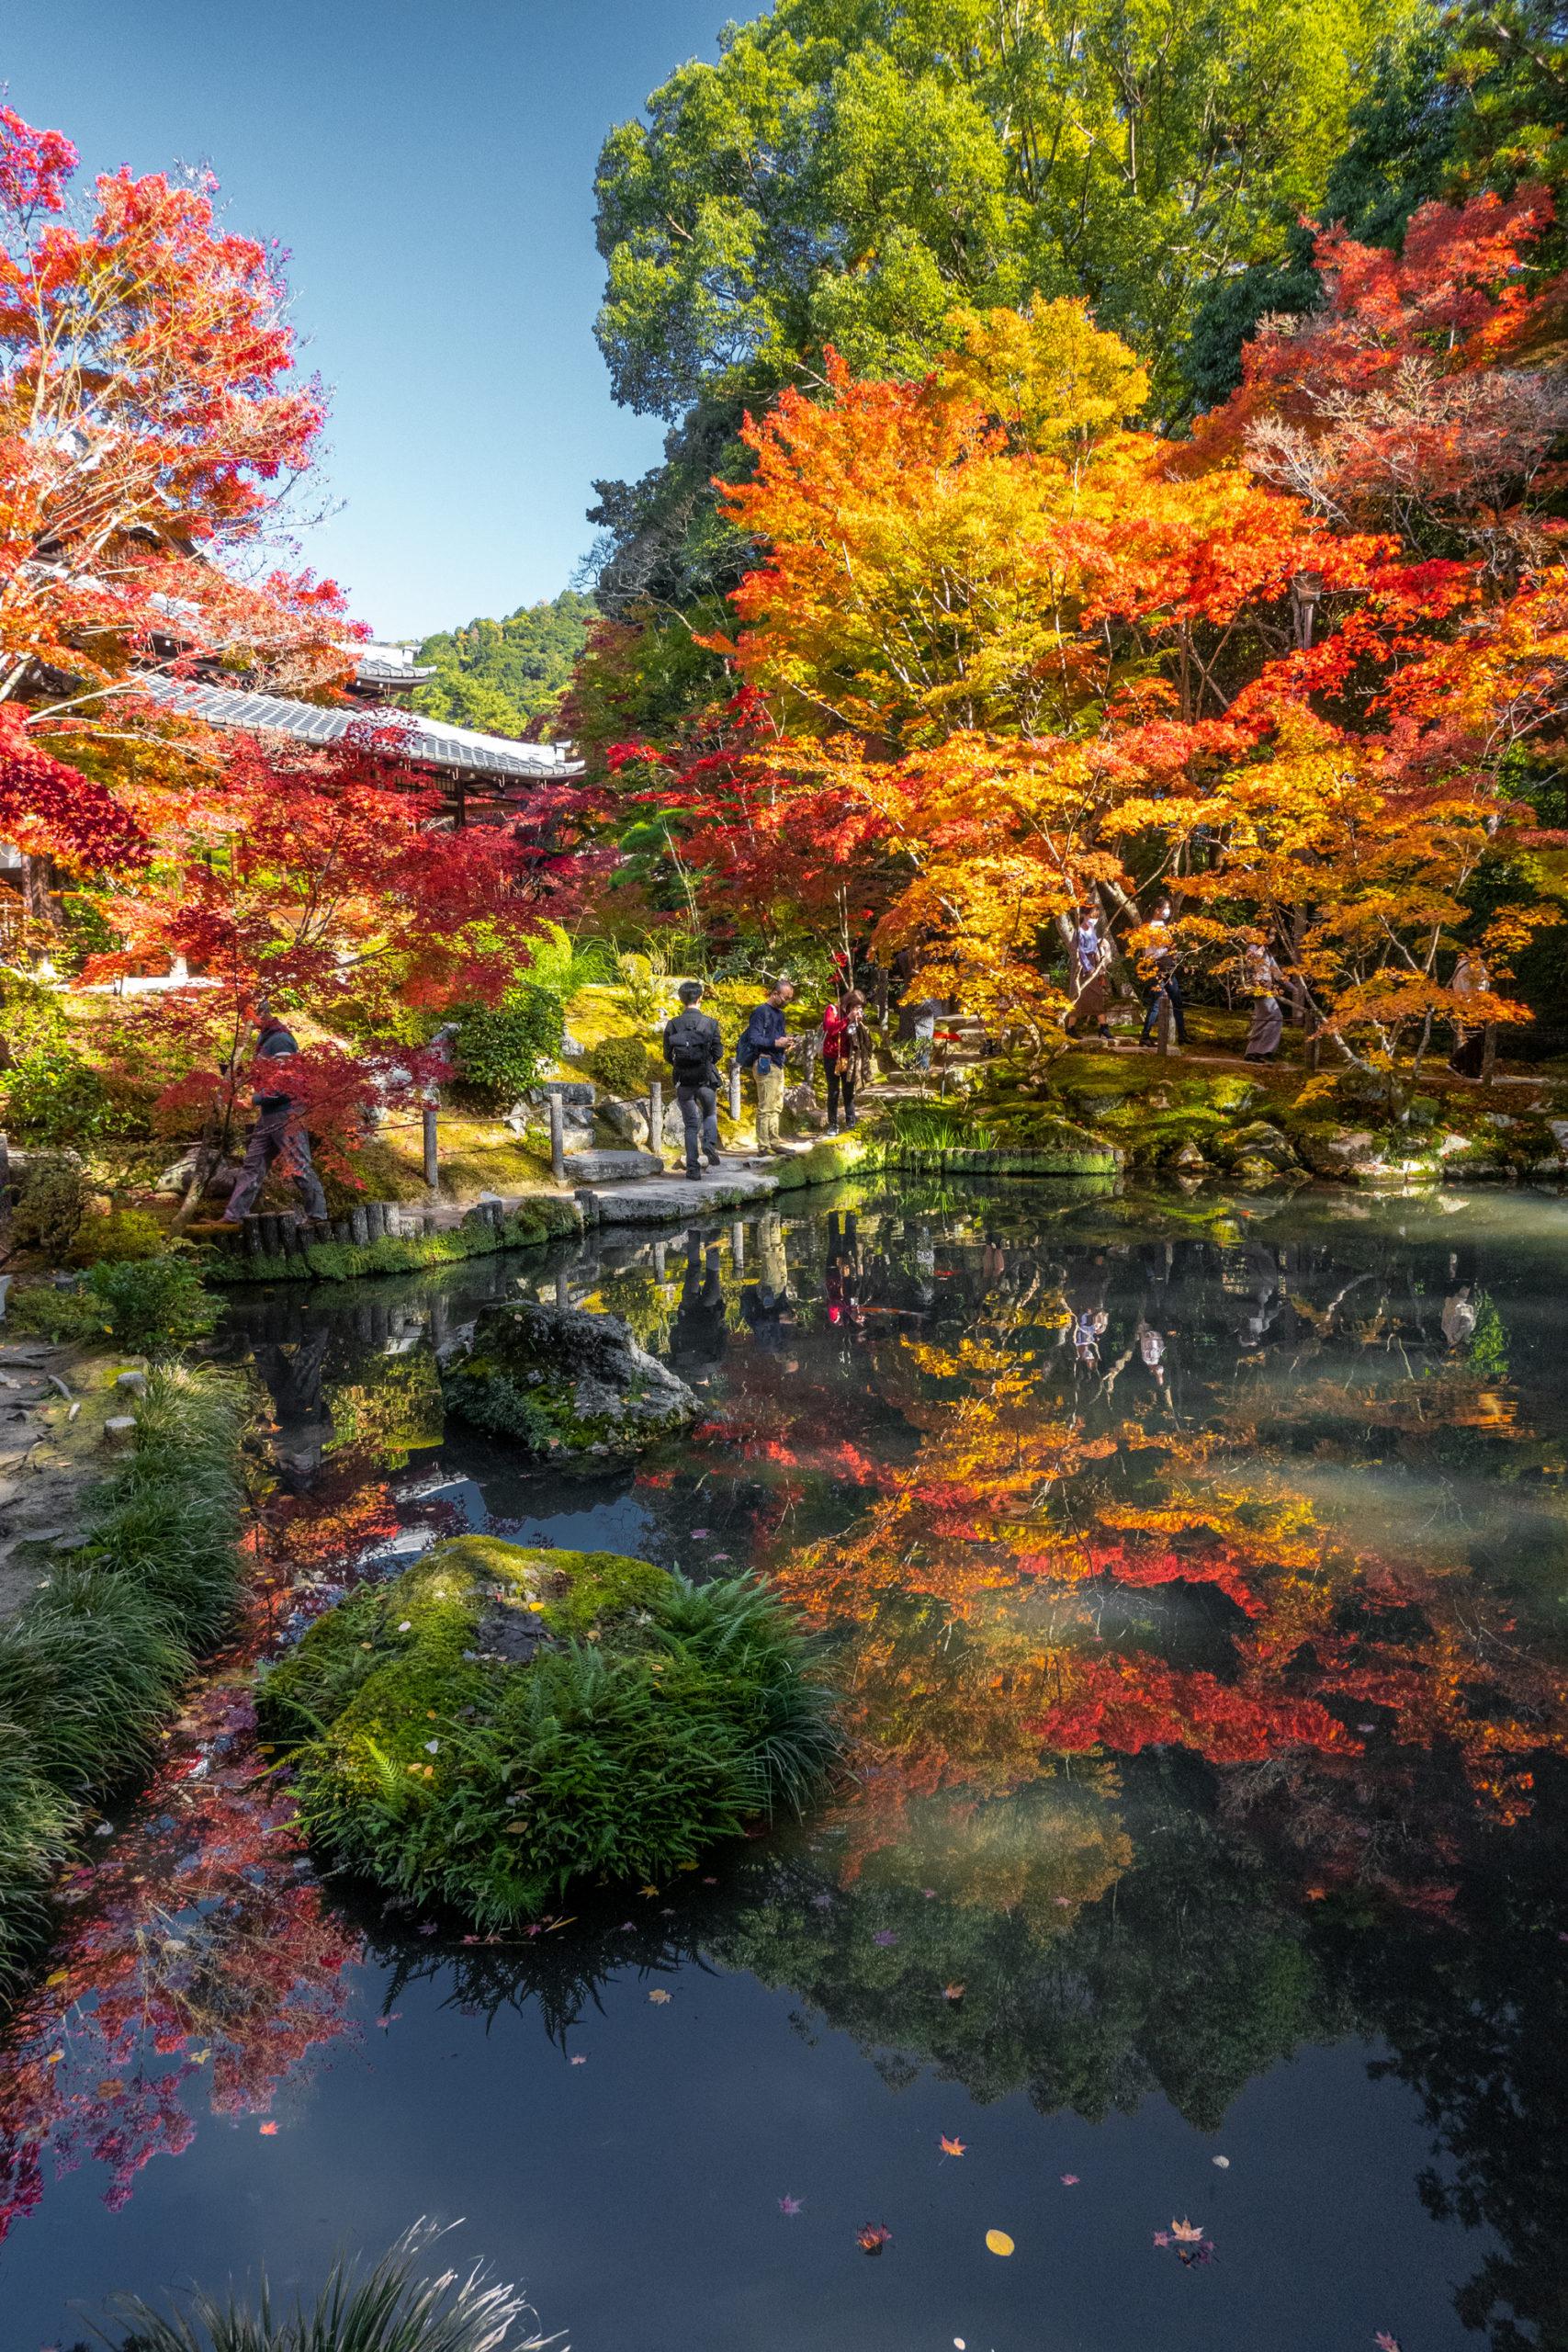 DSC00613-scaled 京都  天授庵(紅葉の美しい庭園が見所な秋におすすめのスポット!撮影した写真の紹介、アクセス情報など)